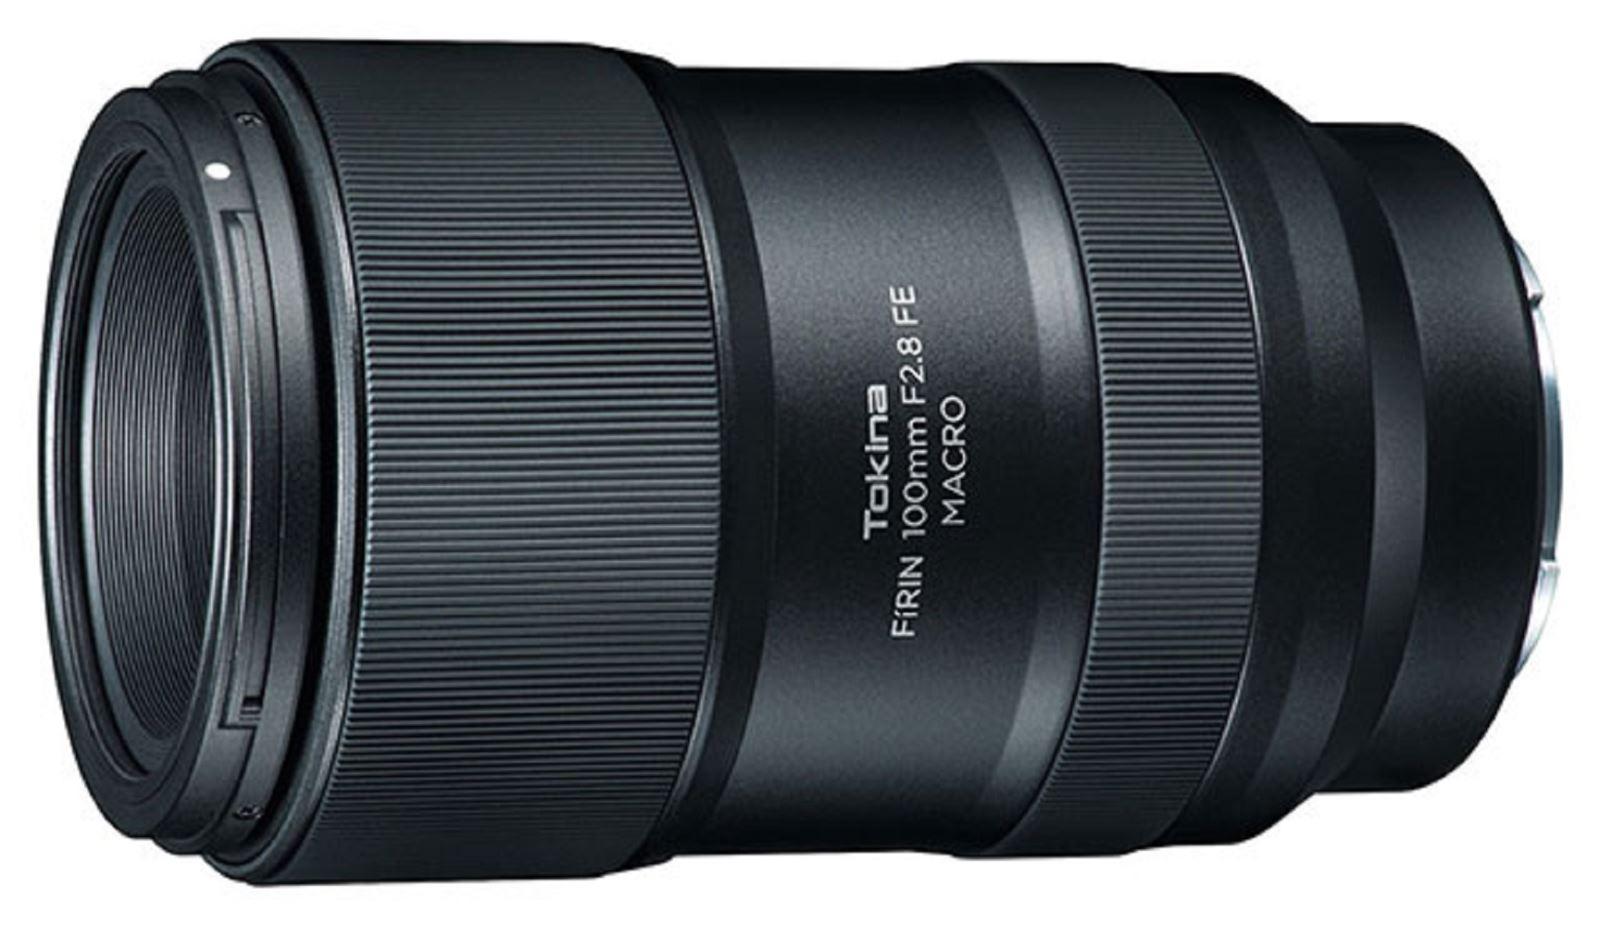 Tokina ra mắtống kính FiRIN 100mm f/2.8 FE Macro cho Sony ngàm E